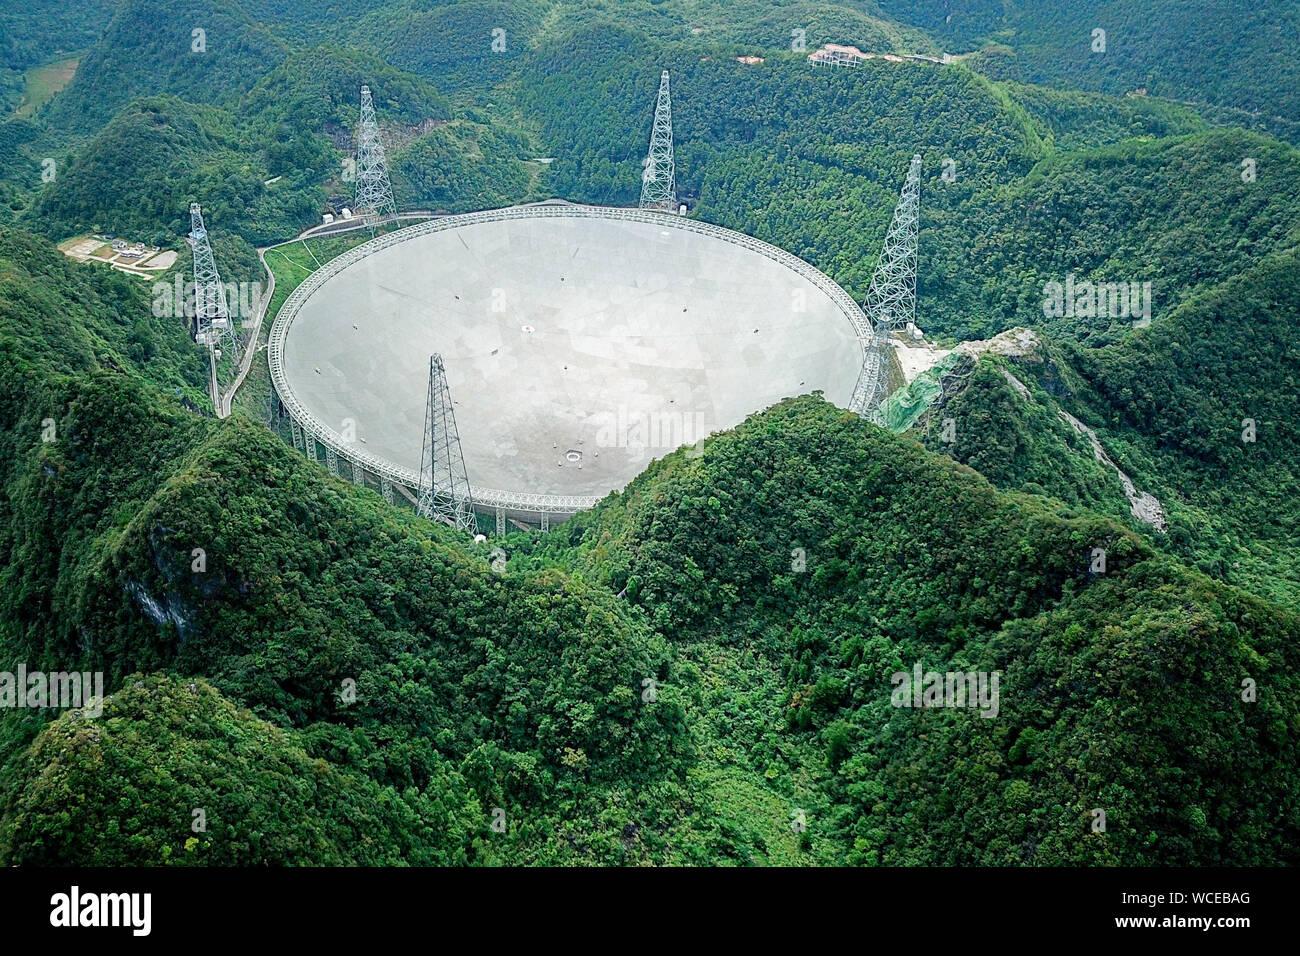 Pingtang. Août 27, 2019. Photo aérienne prise le 27 août 2019 La Chine montre cinq cent mètre d'ouverture radiotélescope sphérique (rapide), dans le sud-ouest de la Chine dans la province du Guizhou. La Chine est rapide, le plus grand radiotélescope plat unique, vous accueillera le troisième anniversaire de l'opération qui a commencé en septembre 2016. Credit: Ou Dongqu/Xinhua/Alamy Live News Banque D'Images